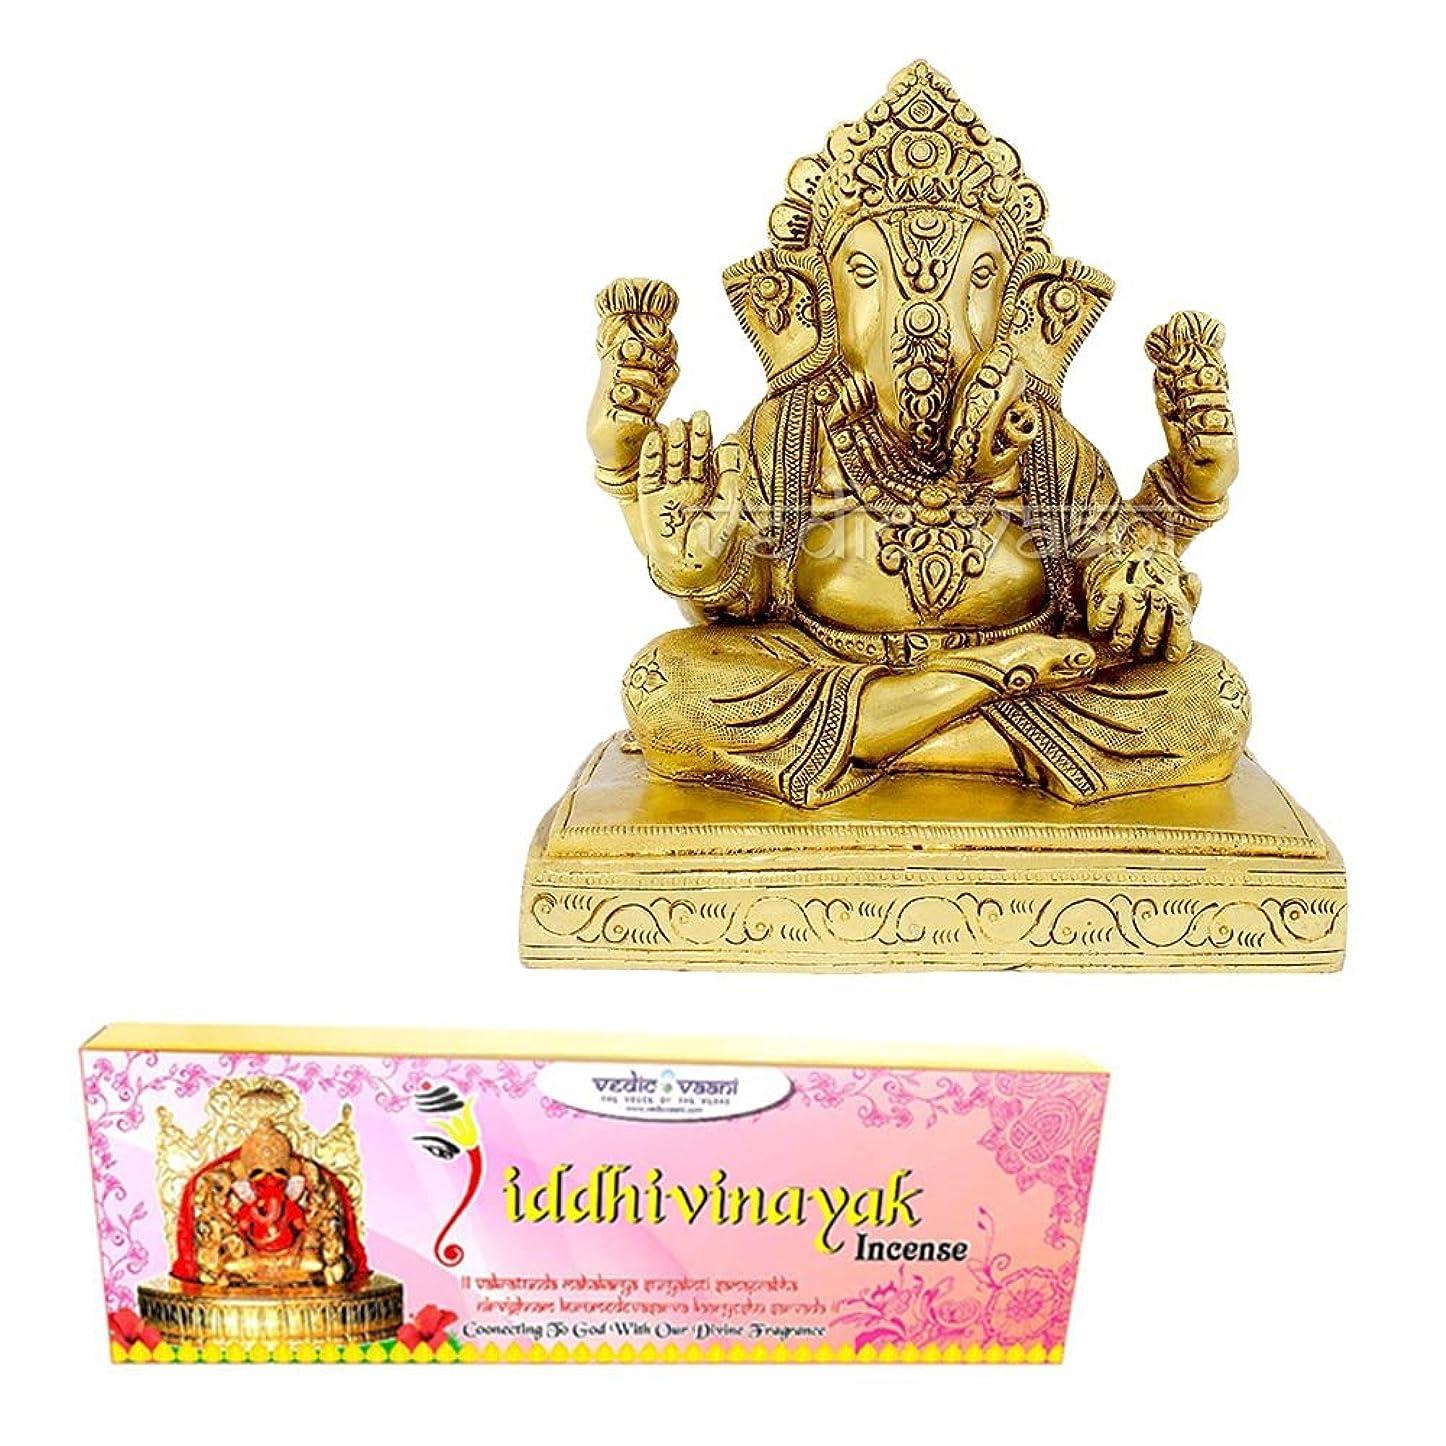 完全に乾く外向き歌Vedic Vaani Dagadusheth Ganpati Bappa Fine Idol In Brass With Siddhi Vinayak Incense